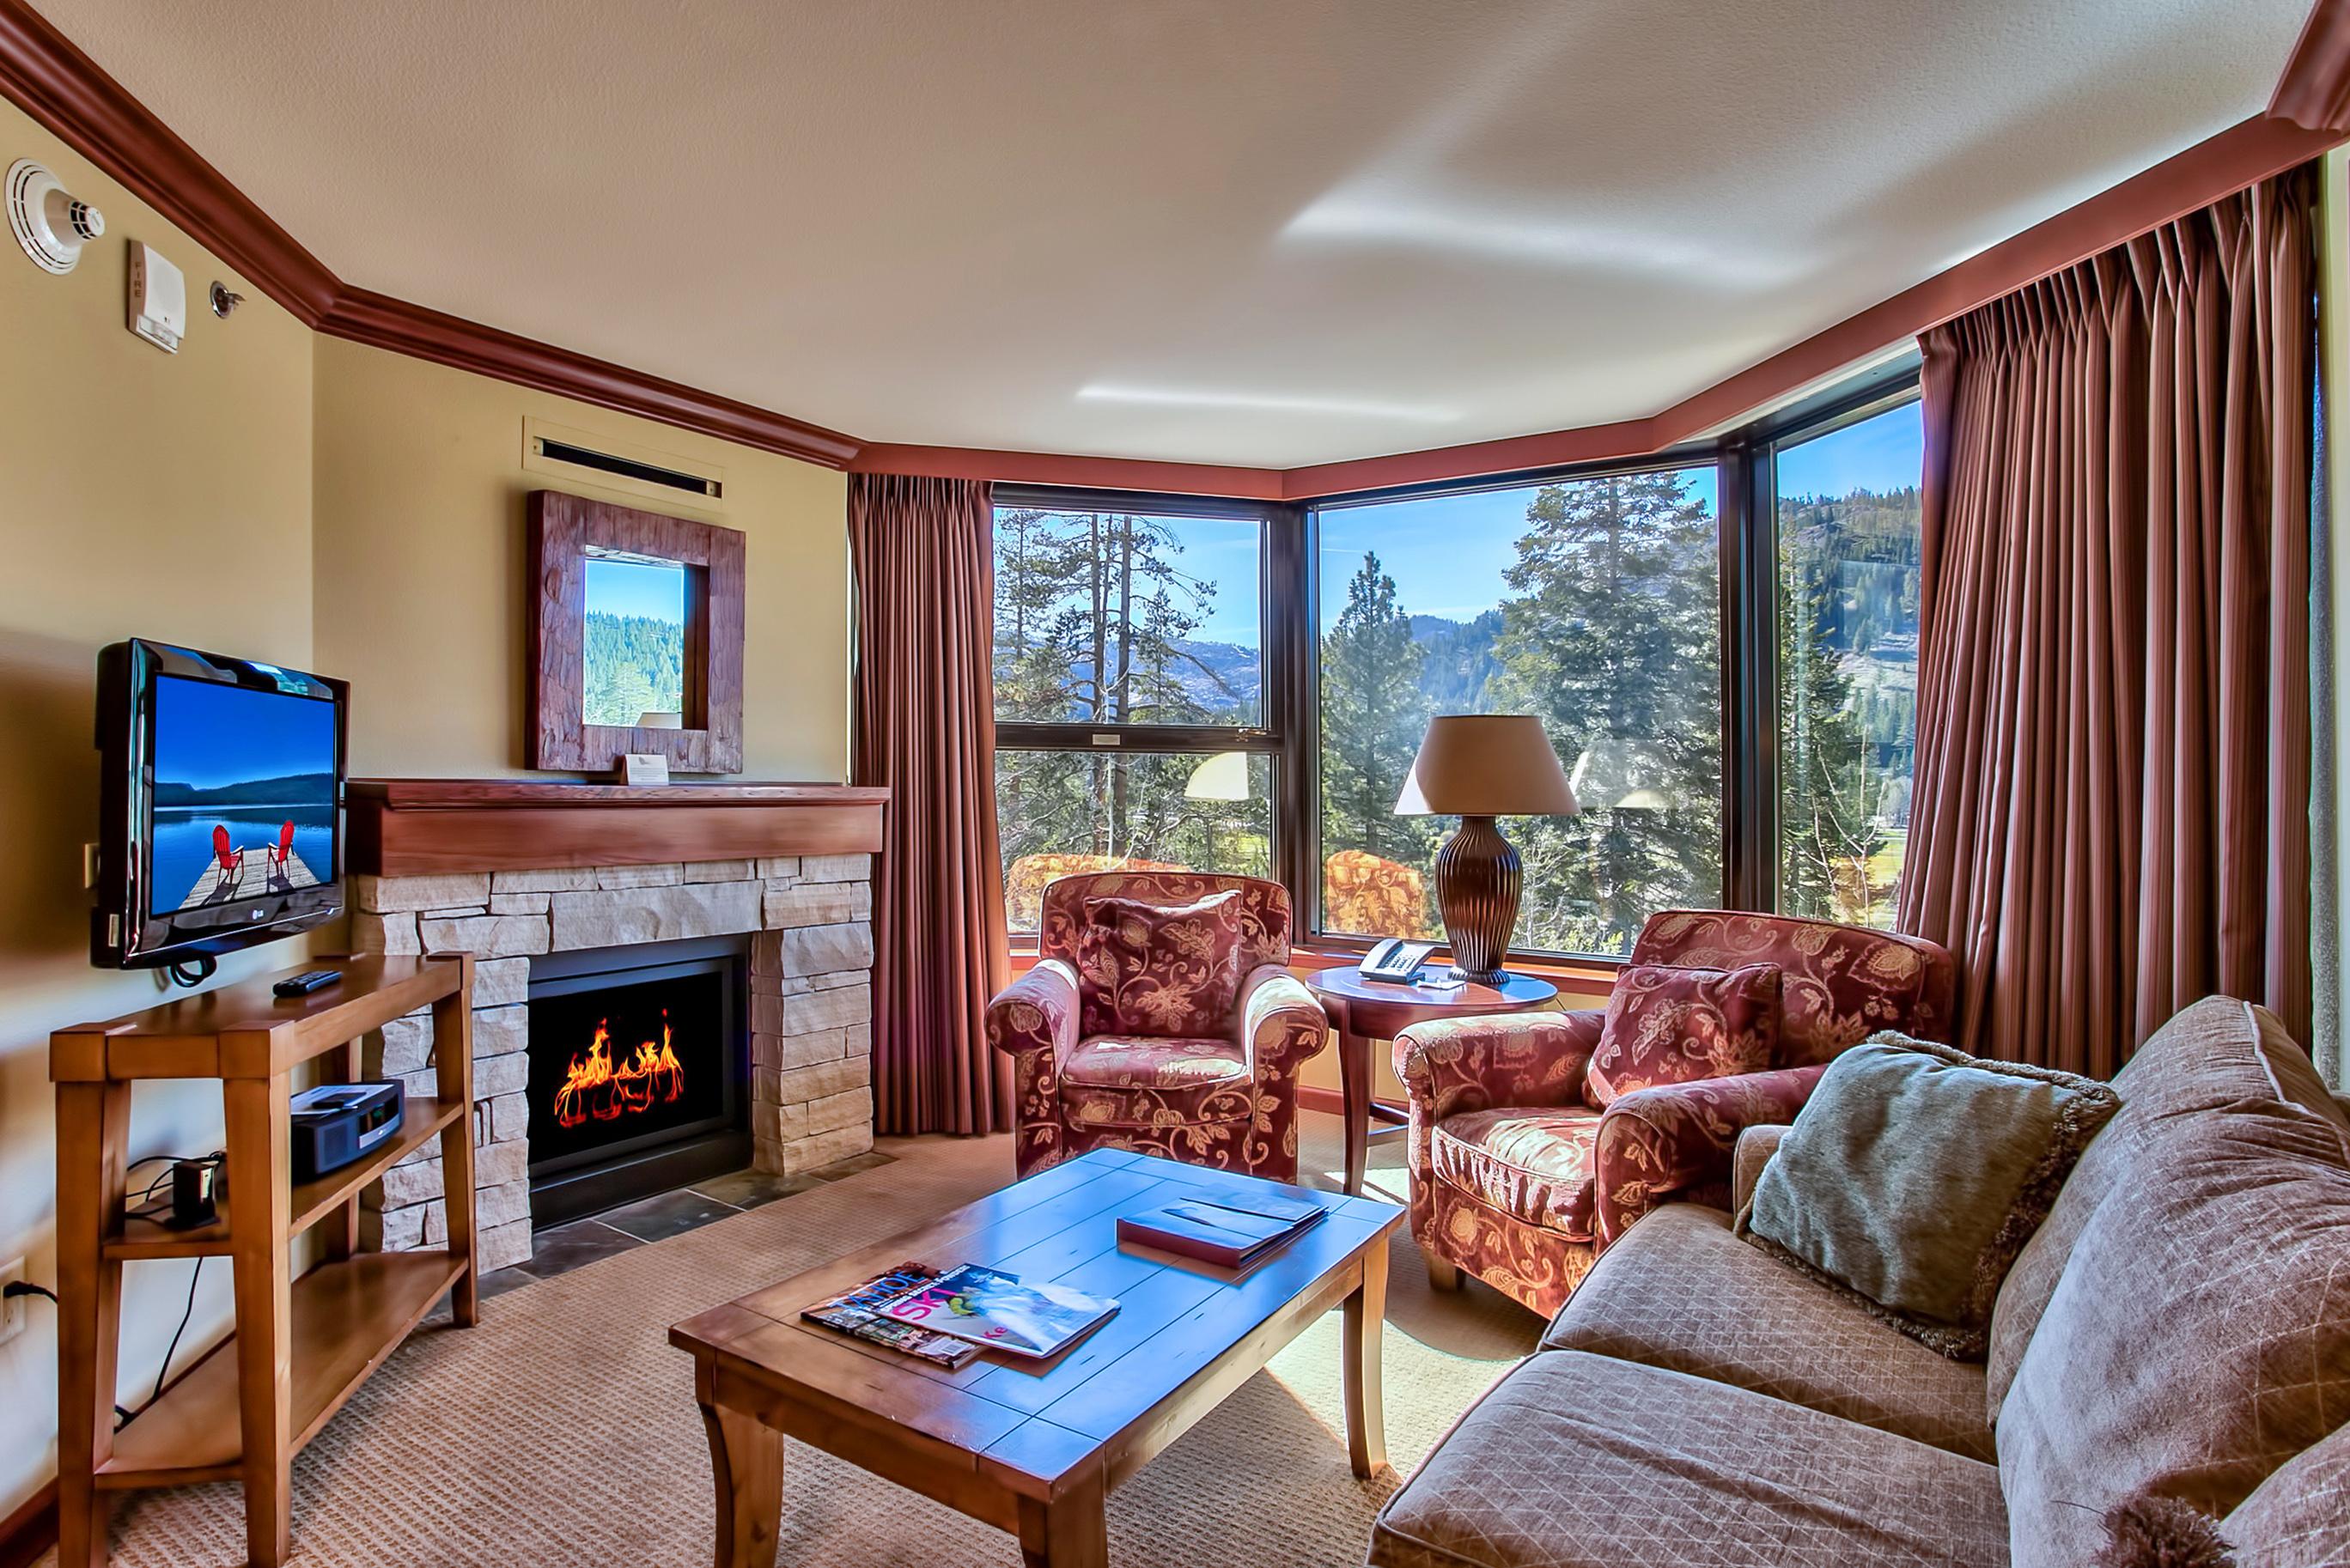 Condominium for Active at 400 Squaw Creek Road, #434-436, Olympic Valley, California 96146 400 Squaw Creek Road #434-436 Olympic Valley, California 96146 United States